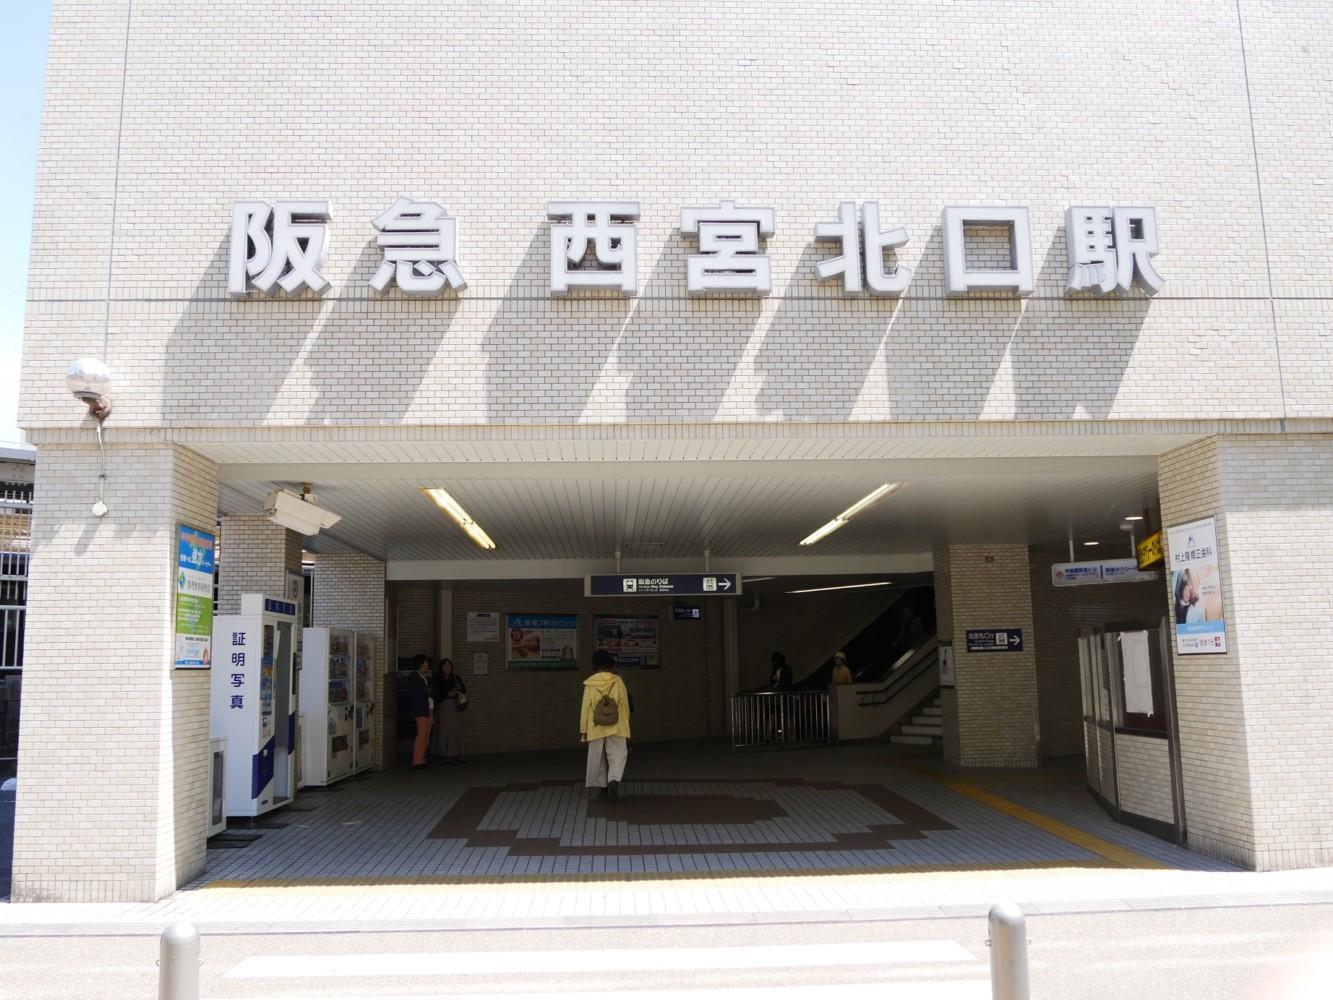 河合塾マナビスの西宮北口校は、阪急神戸線・阪急今津線の西宮北口駅から徒歩2分